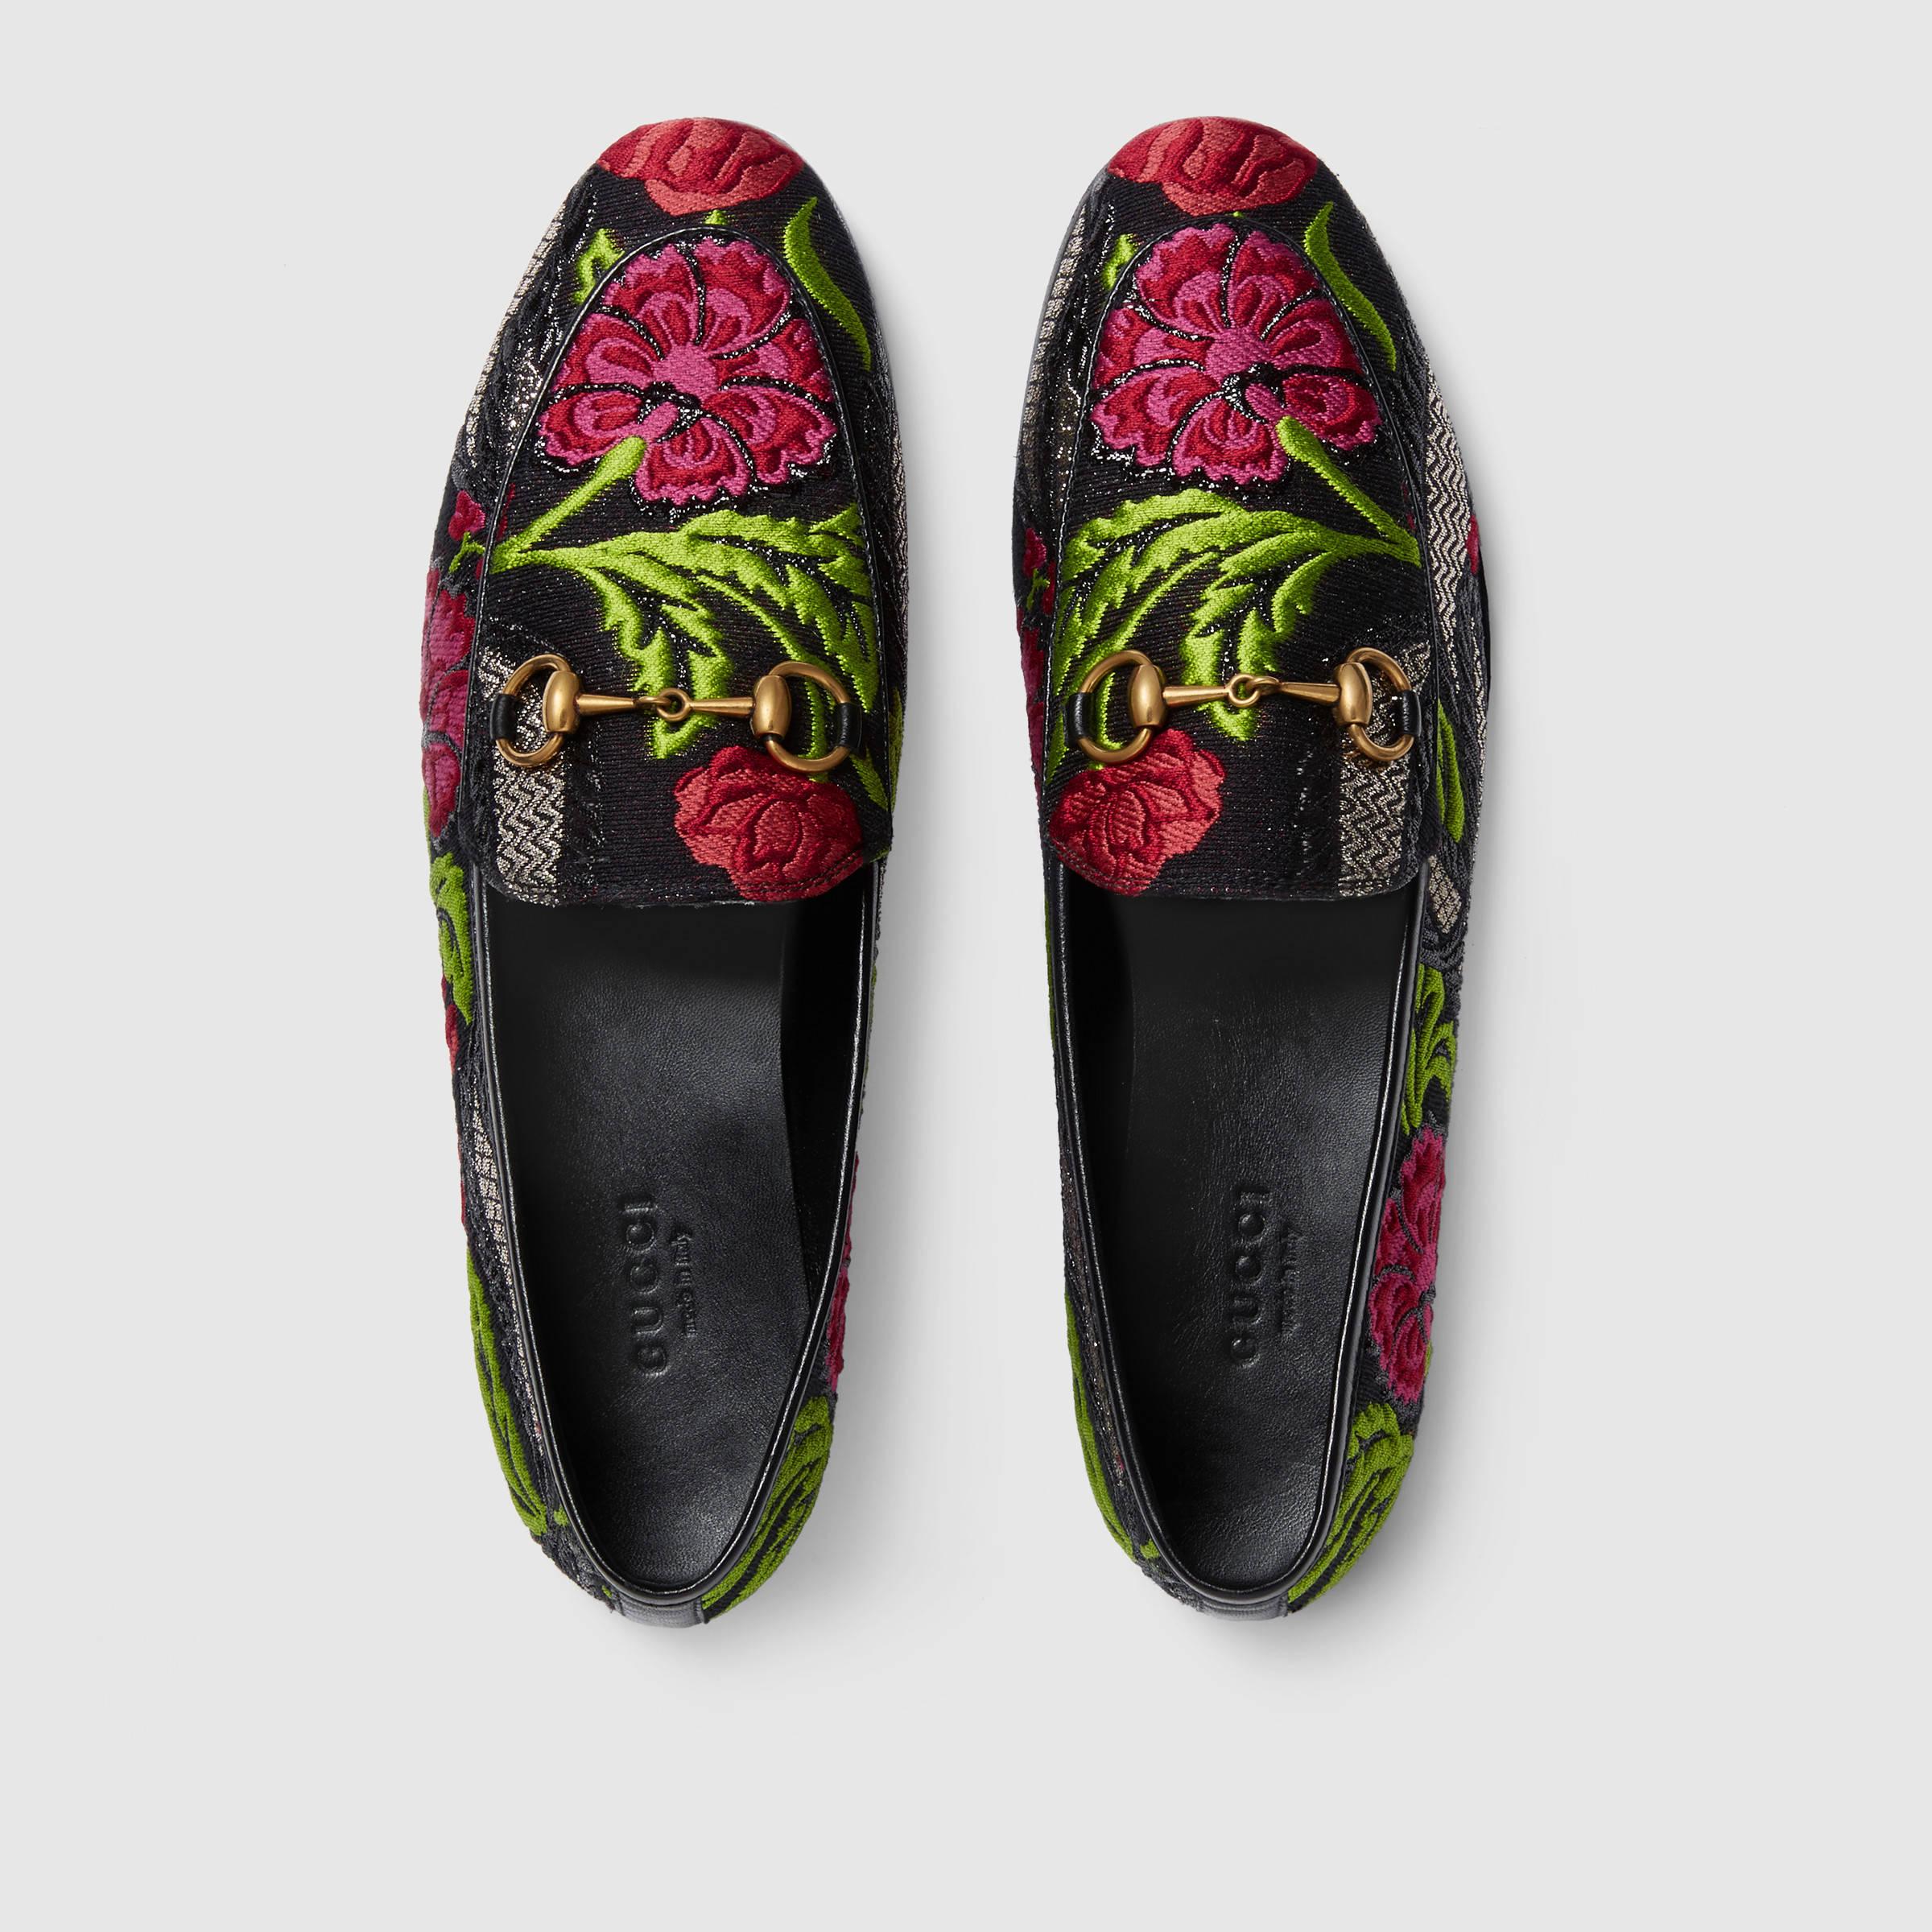 gucci-jordaan-floral-brocade-670